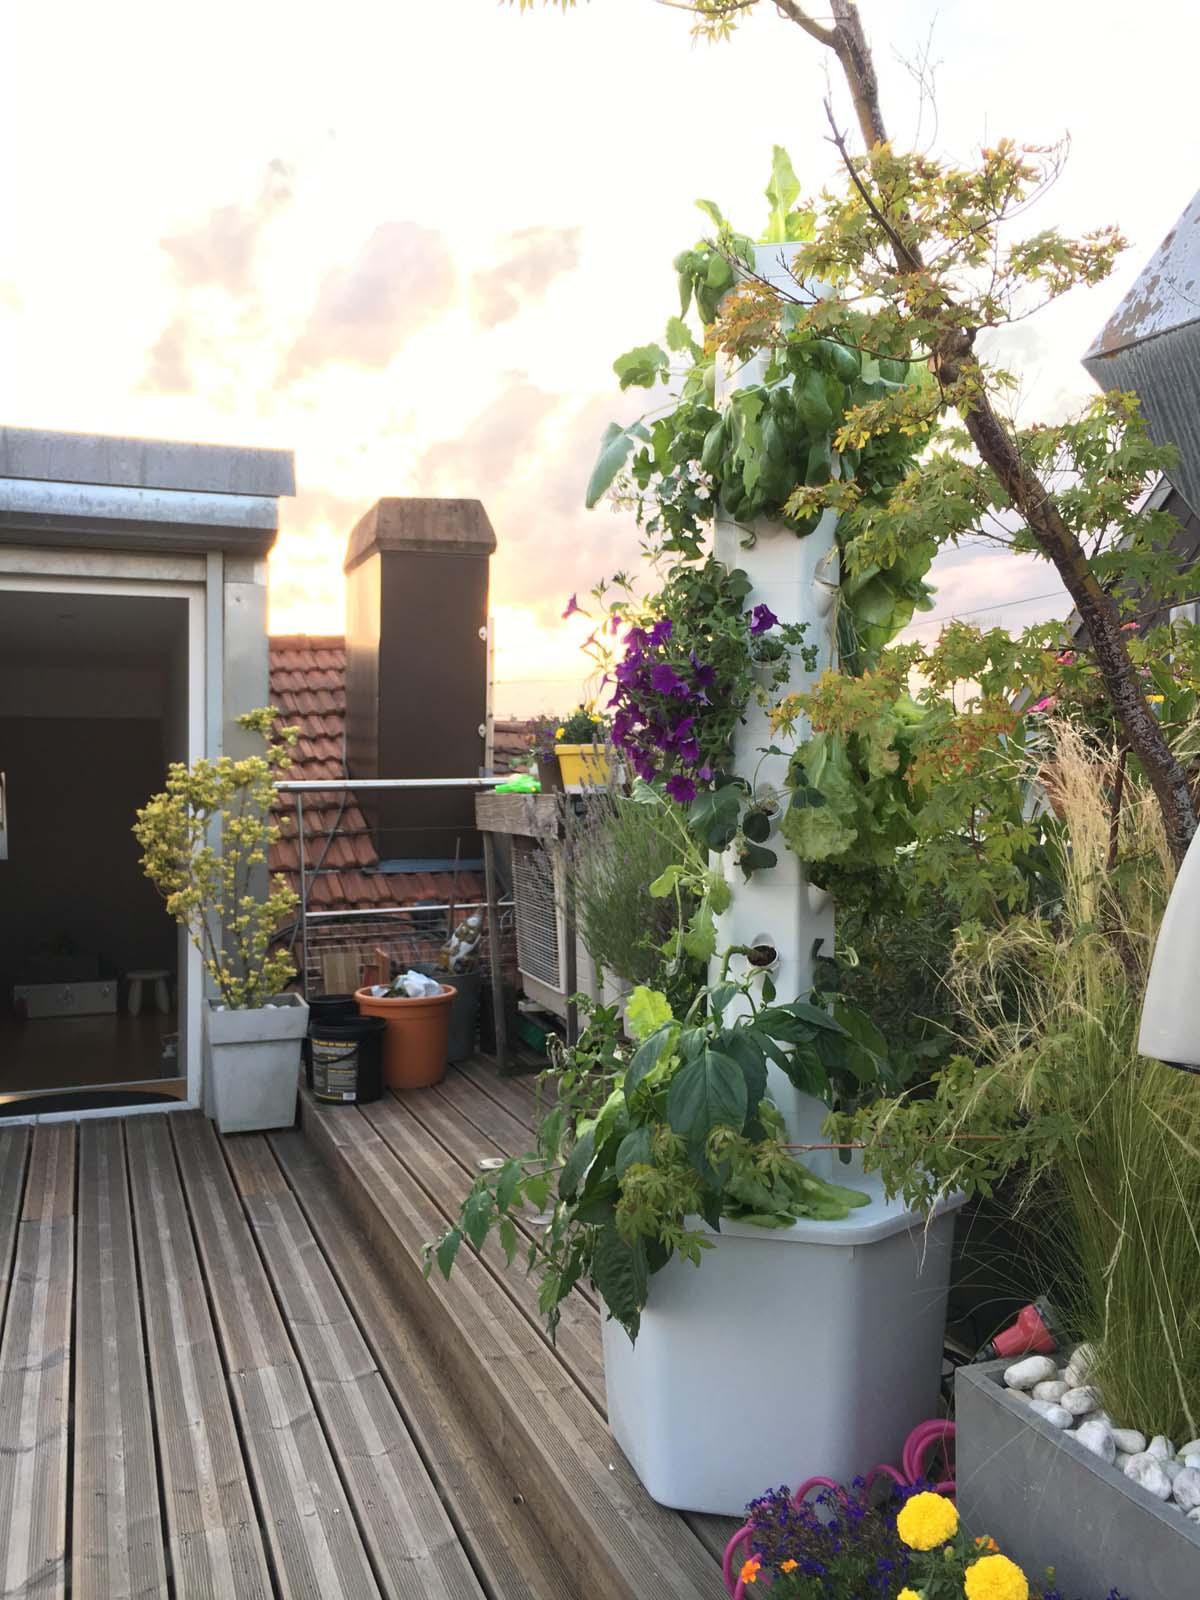 Visite commentée des jardins urbains de Myfood - Molsheim